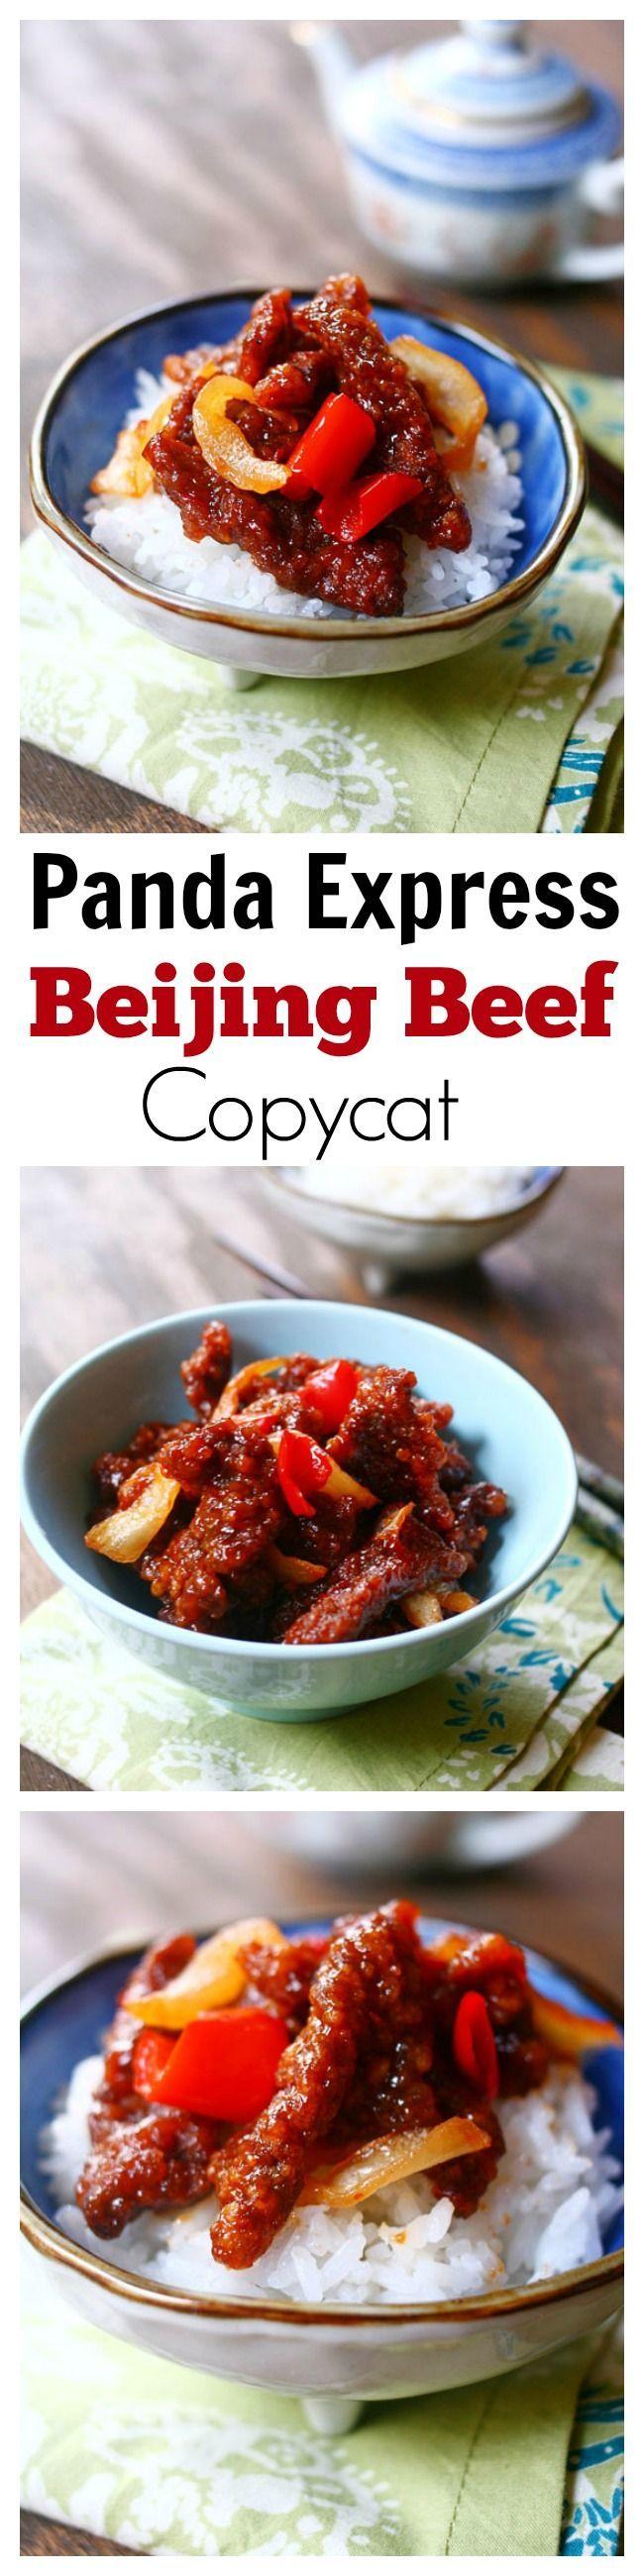 Panda Express Beijing Beef Copycat The Most Delicious Beijing